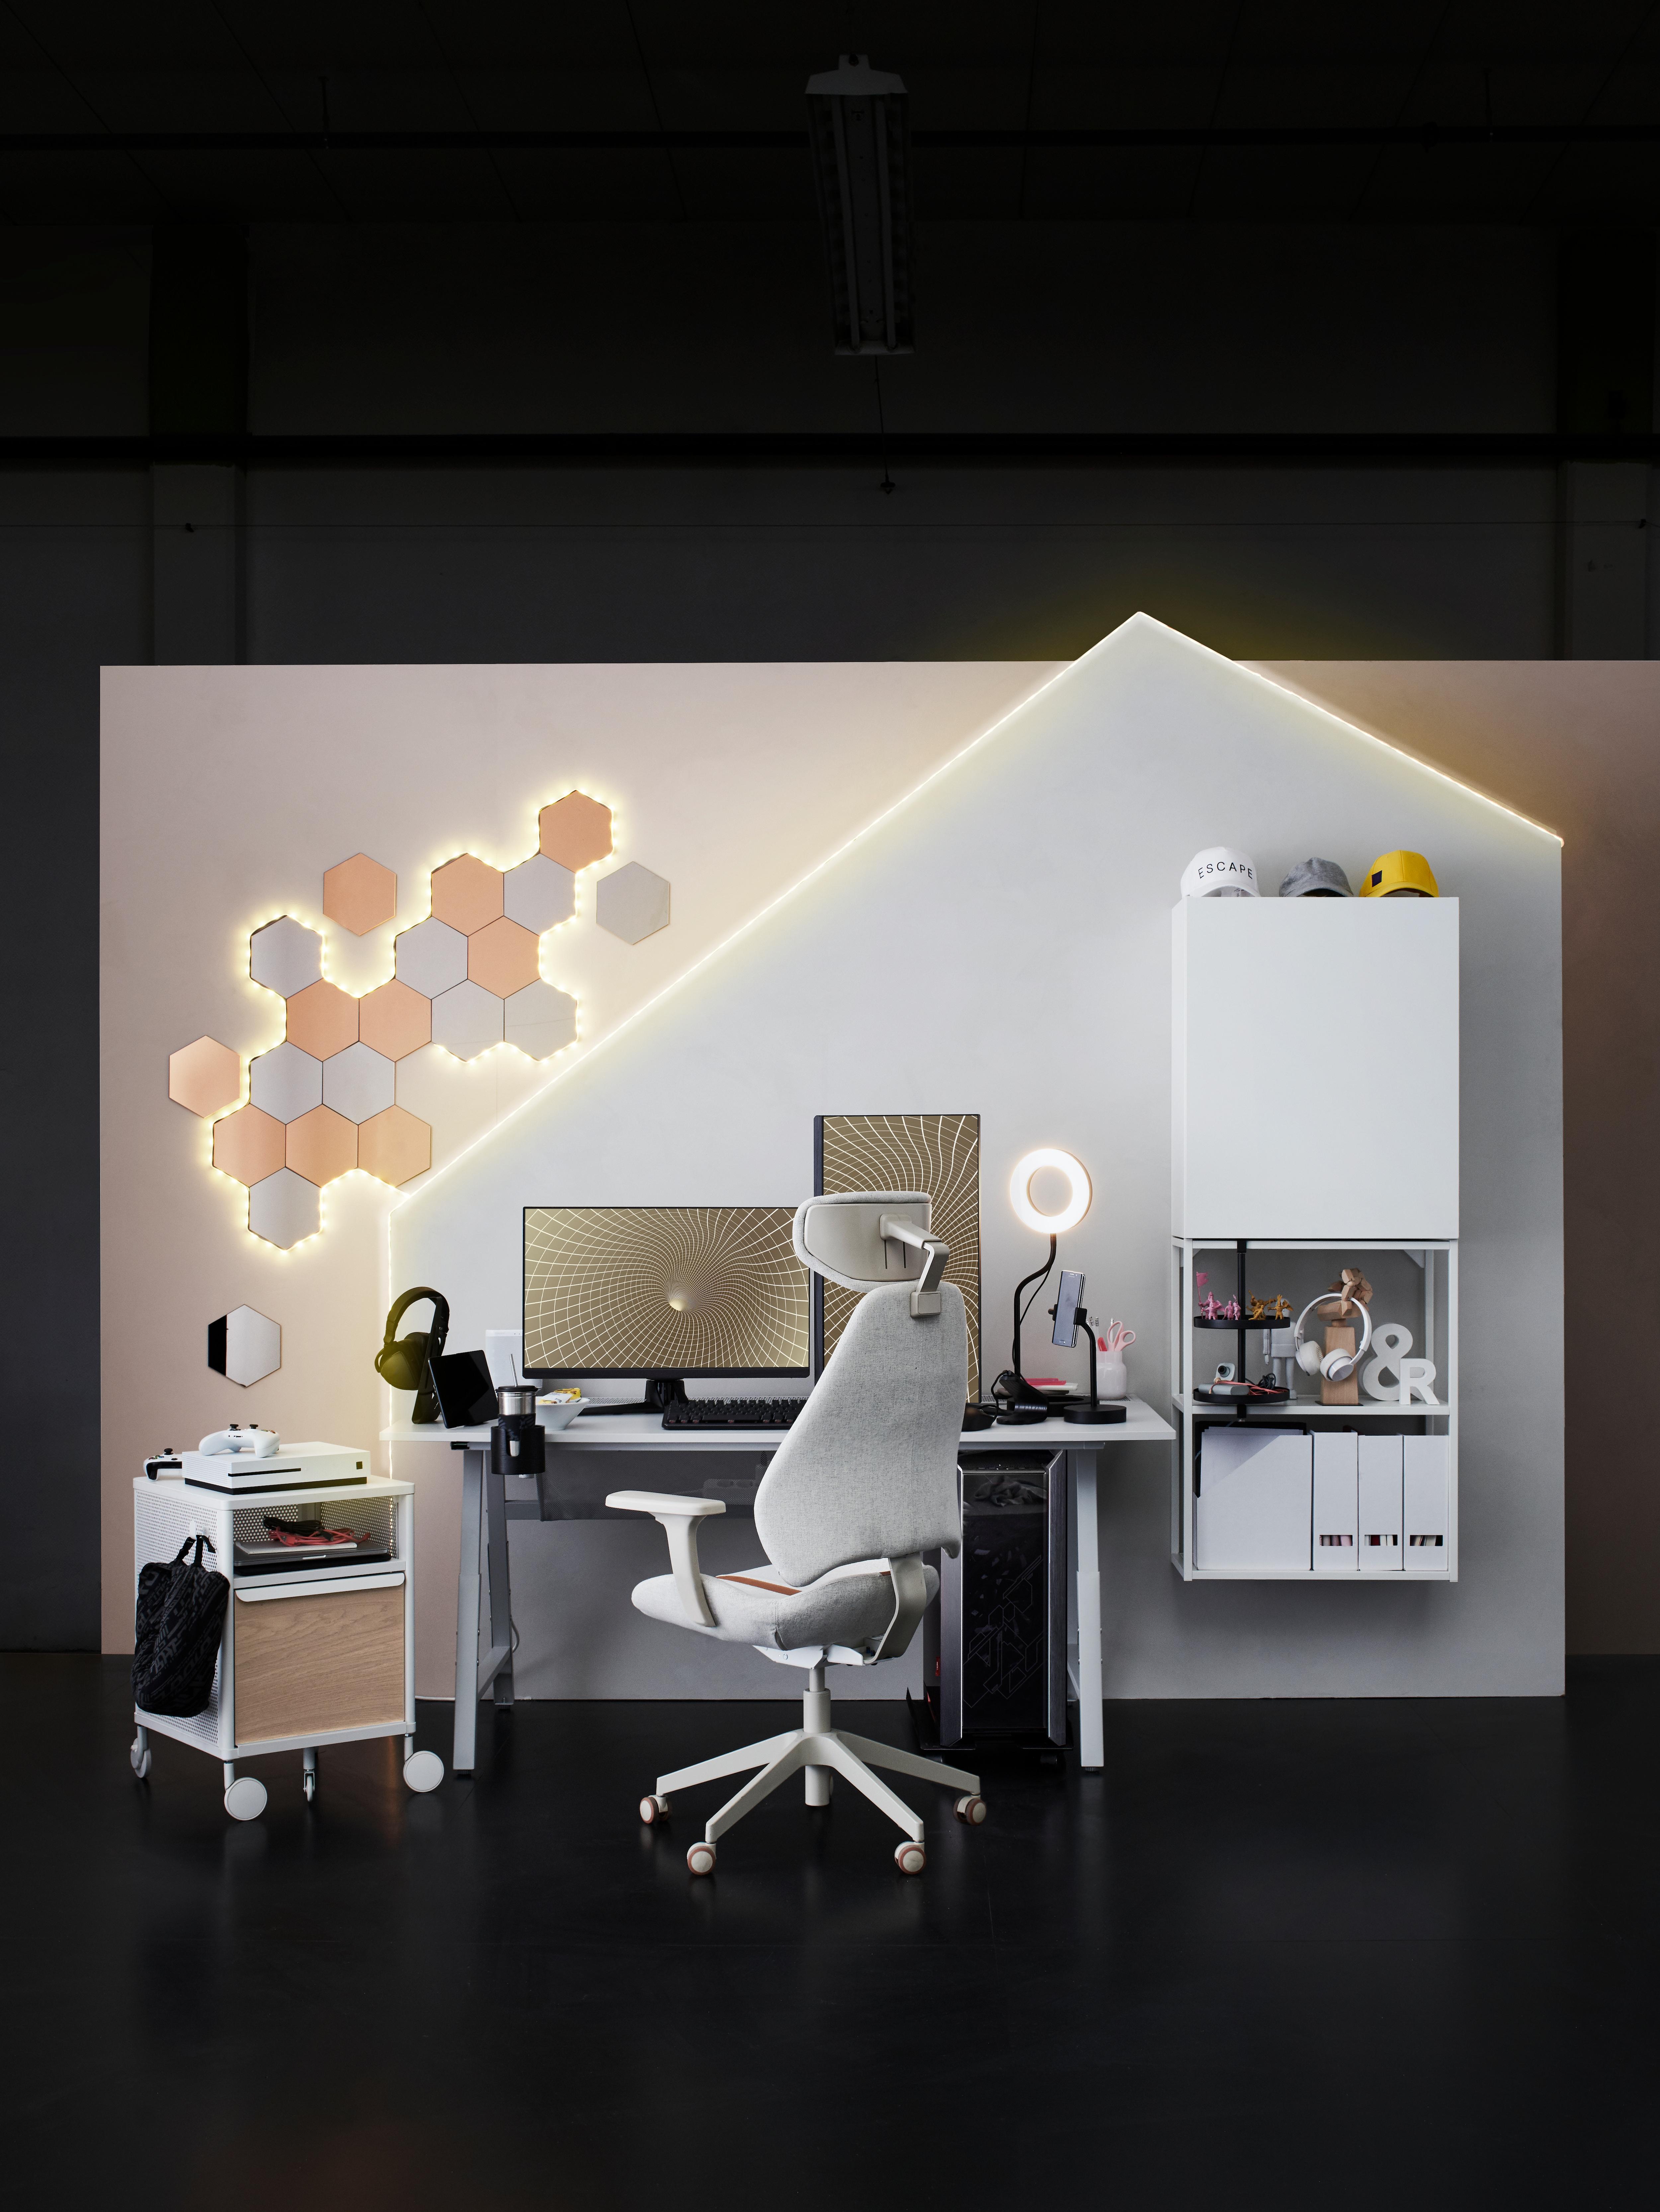 Ideas para decorar una habitación gamer